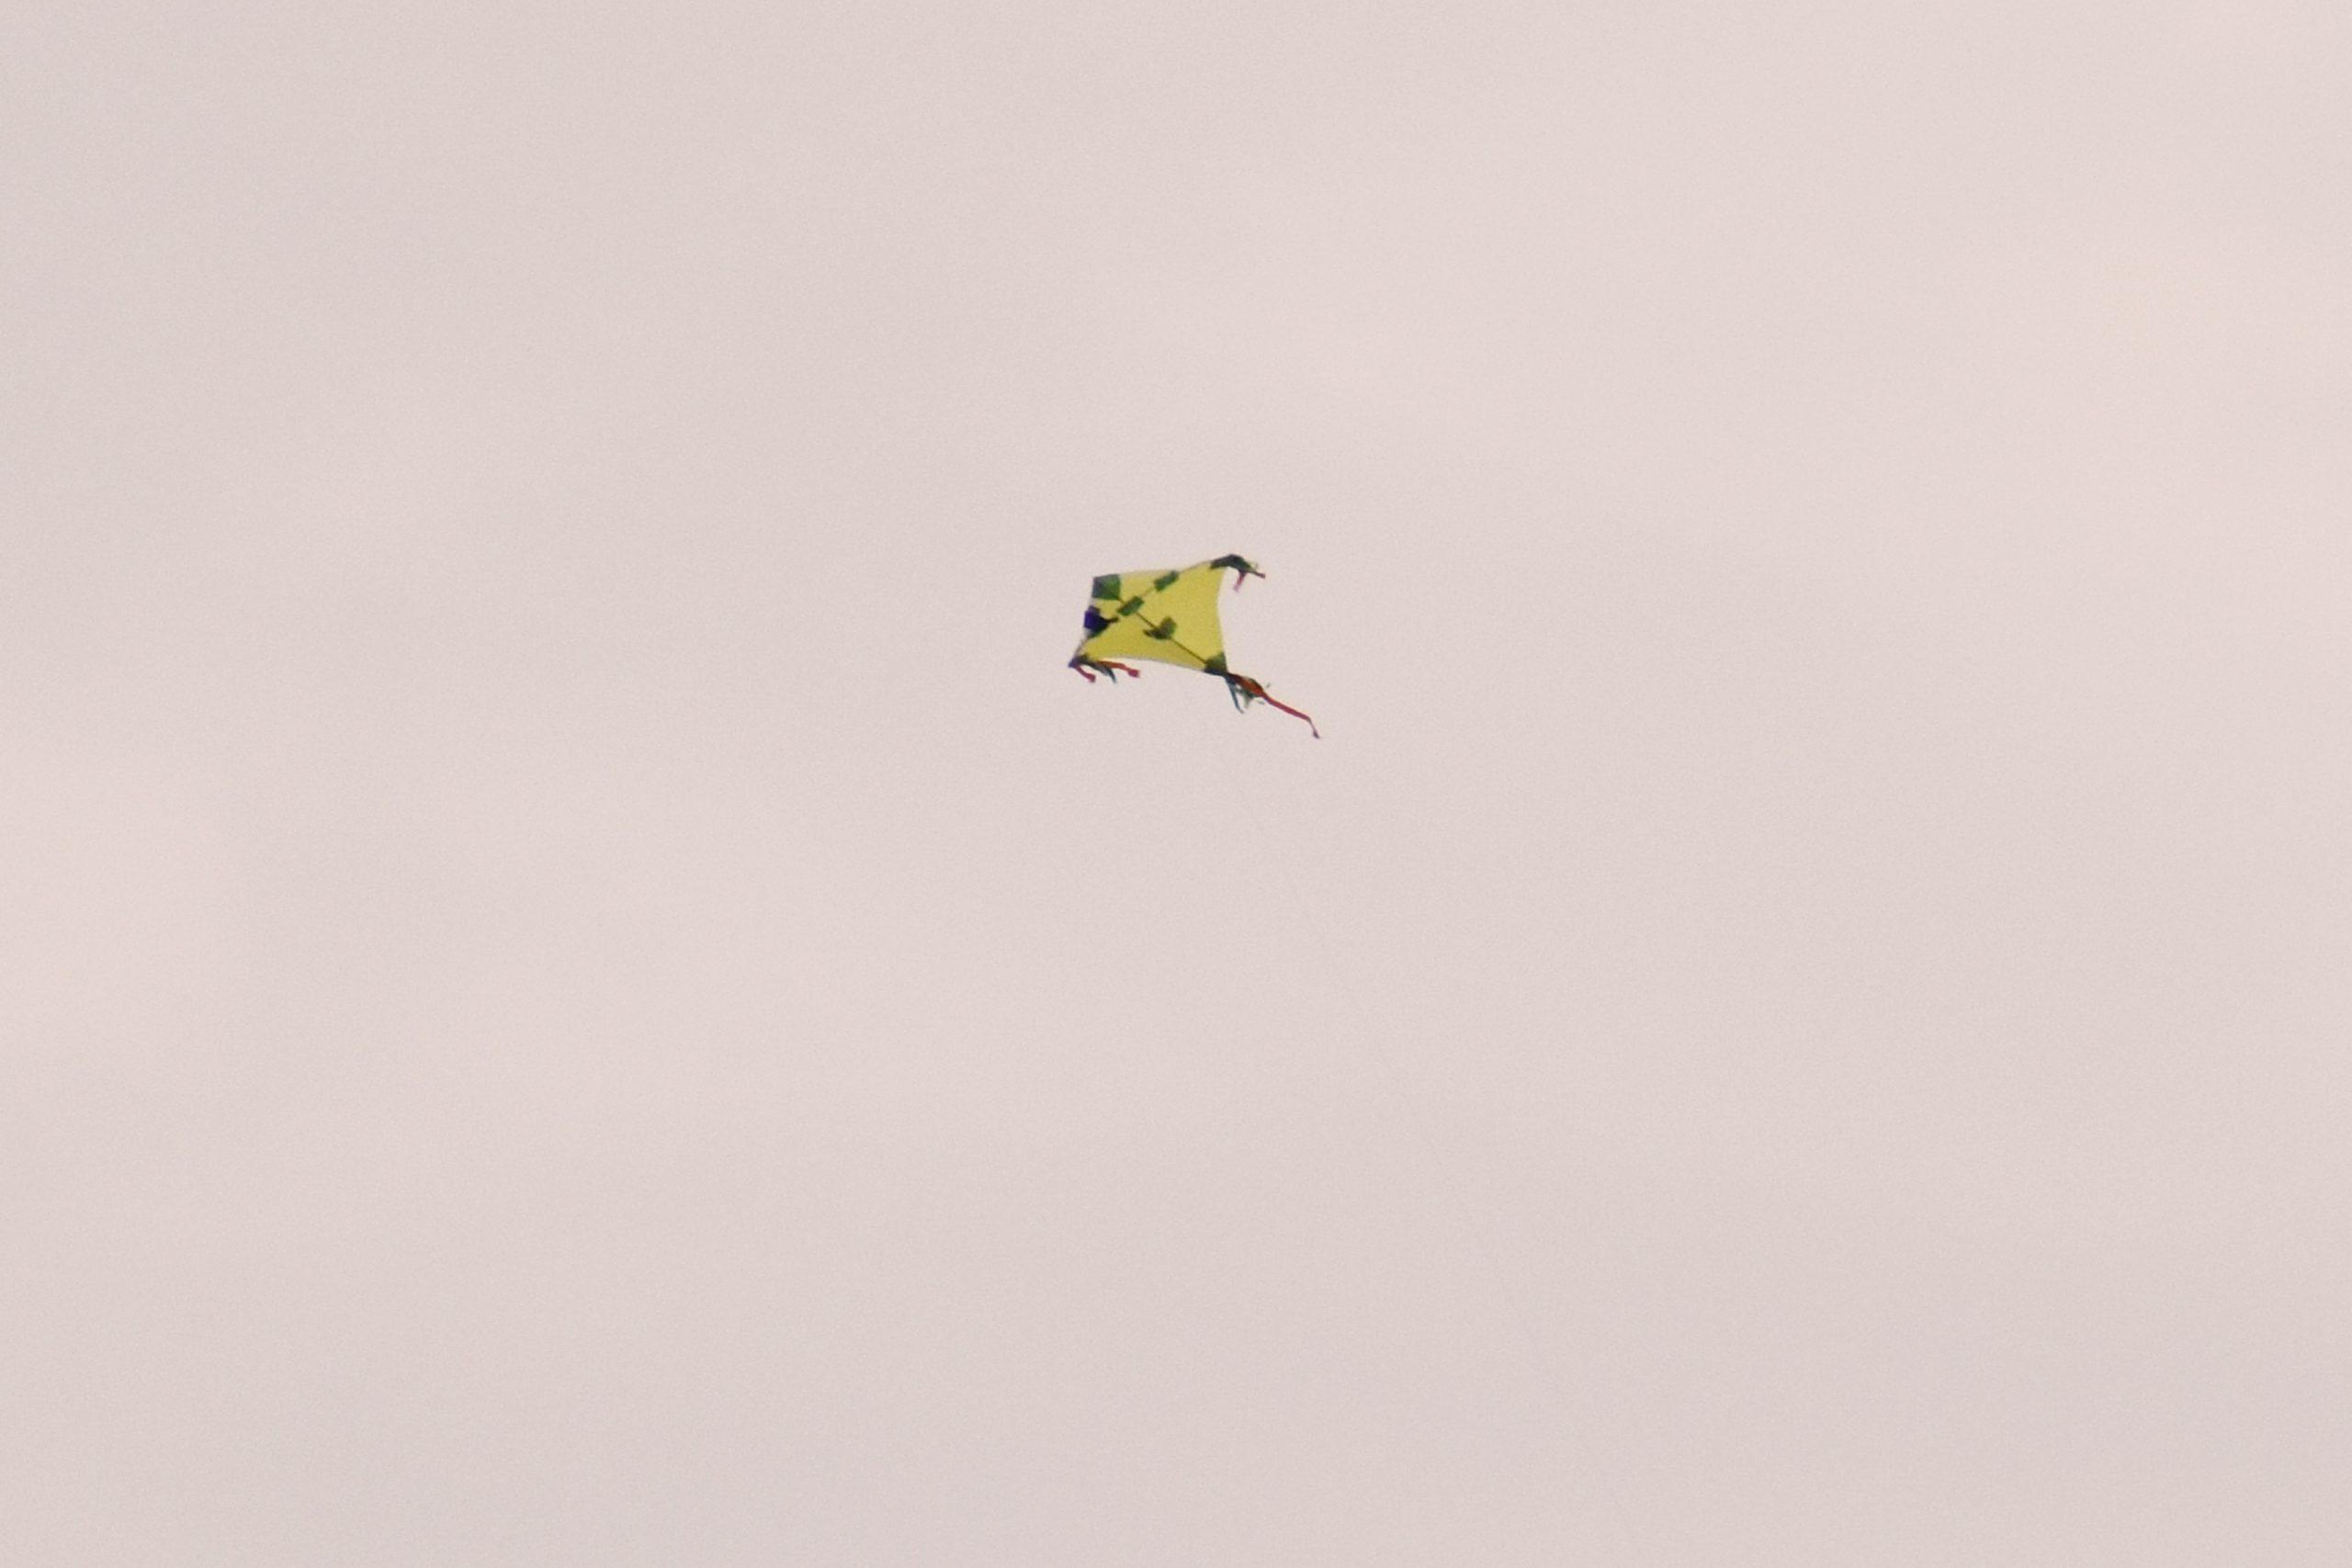 Flying kite in the sky